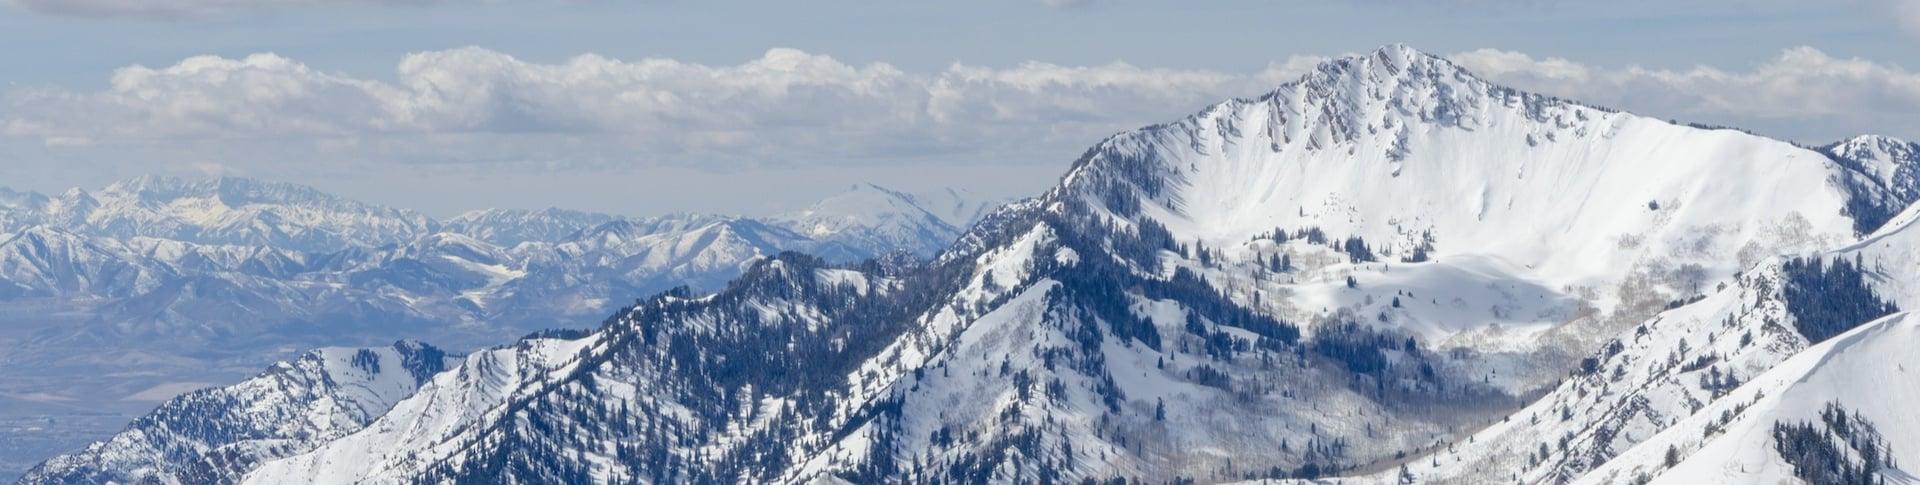 Jennifer - Banner - Mountain